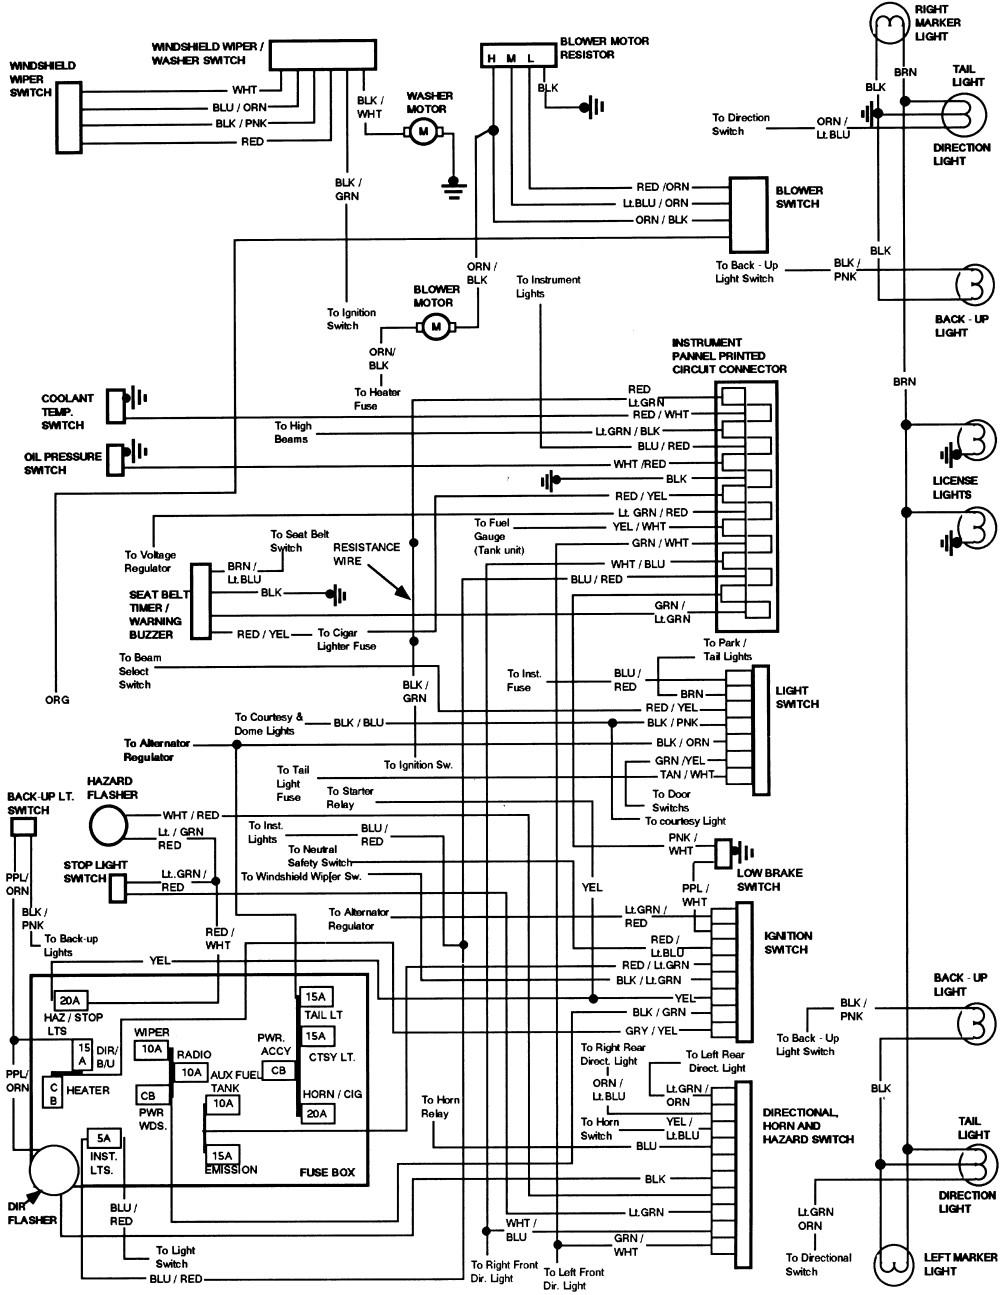 1985 ford f150 wiring diagram - wiring diagram log wait-view-a -  wait-view-a.superpolobio.it  superpolobio.it